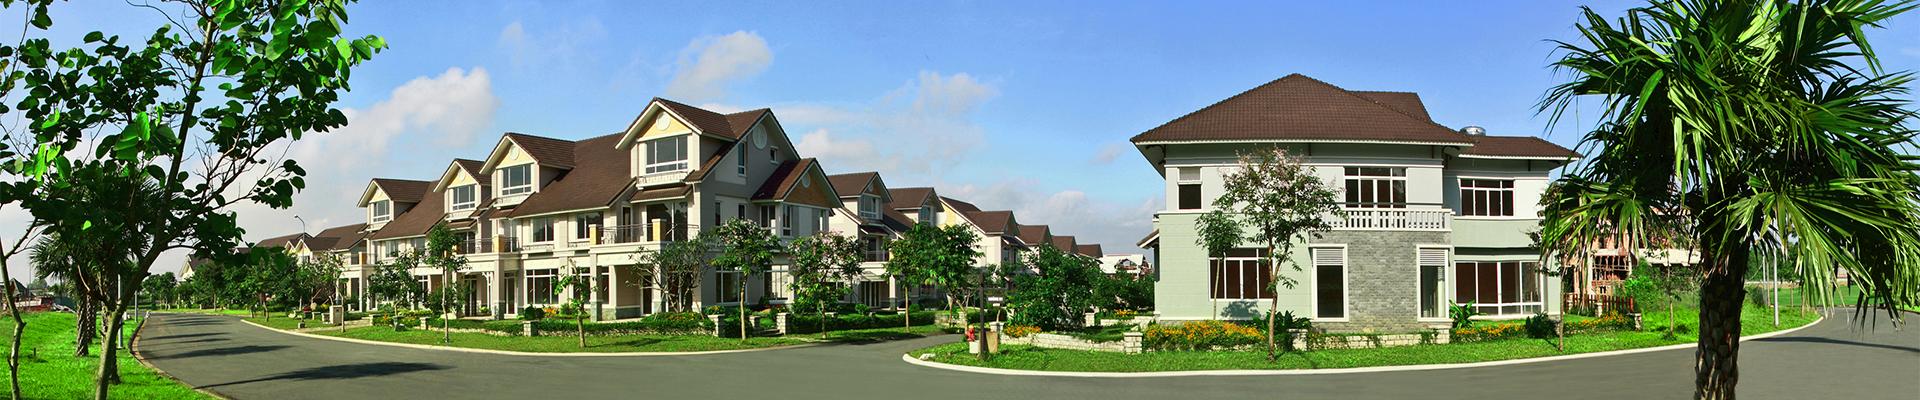 San Pham Nam Long Group